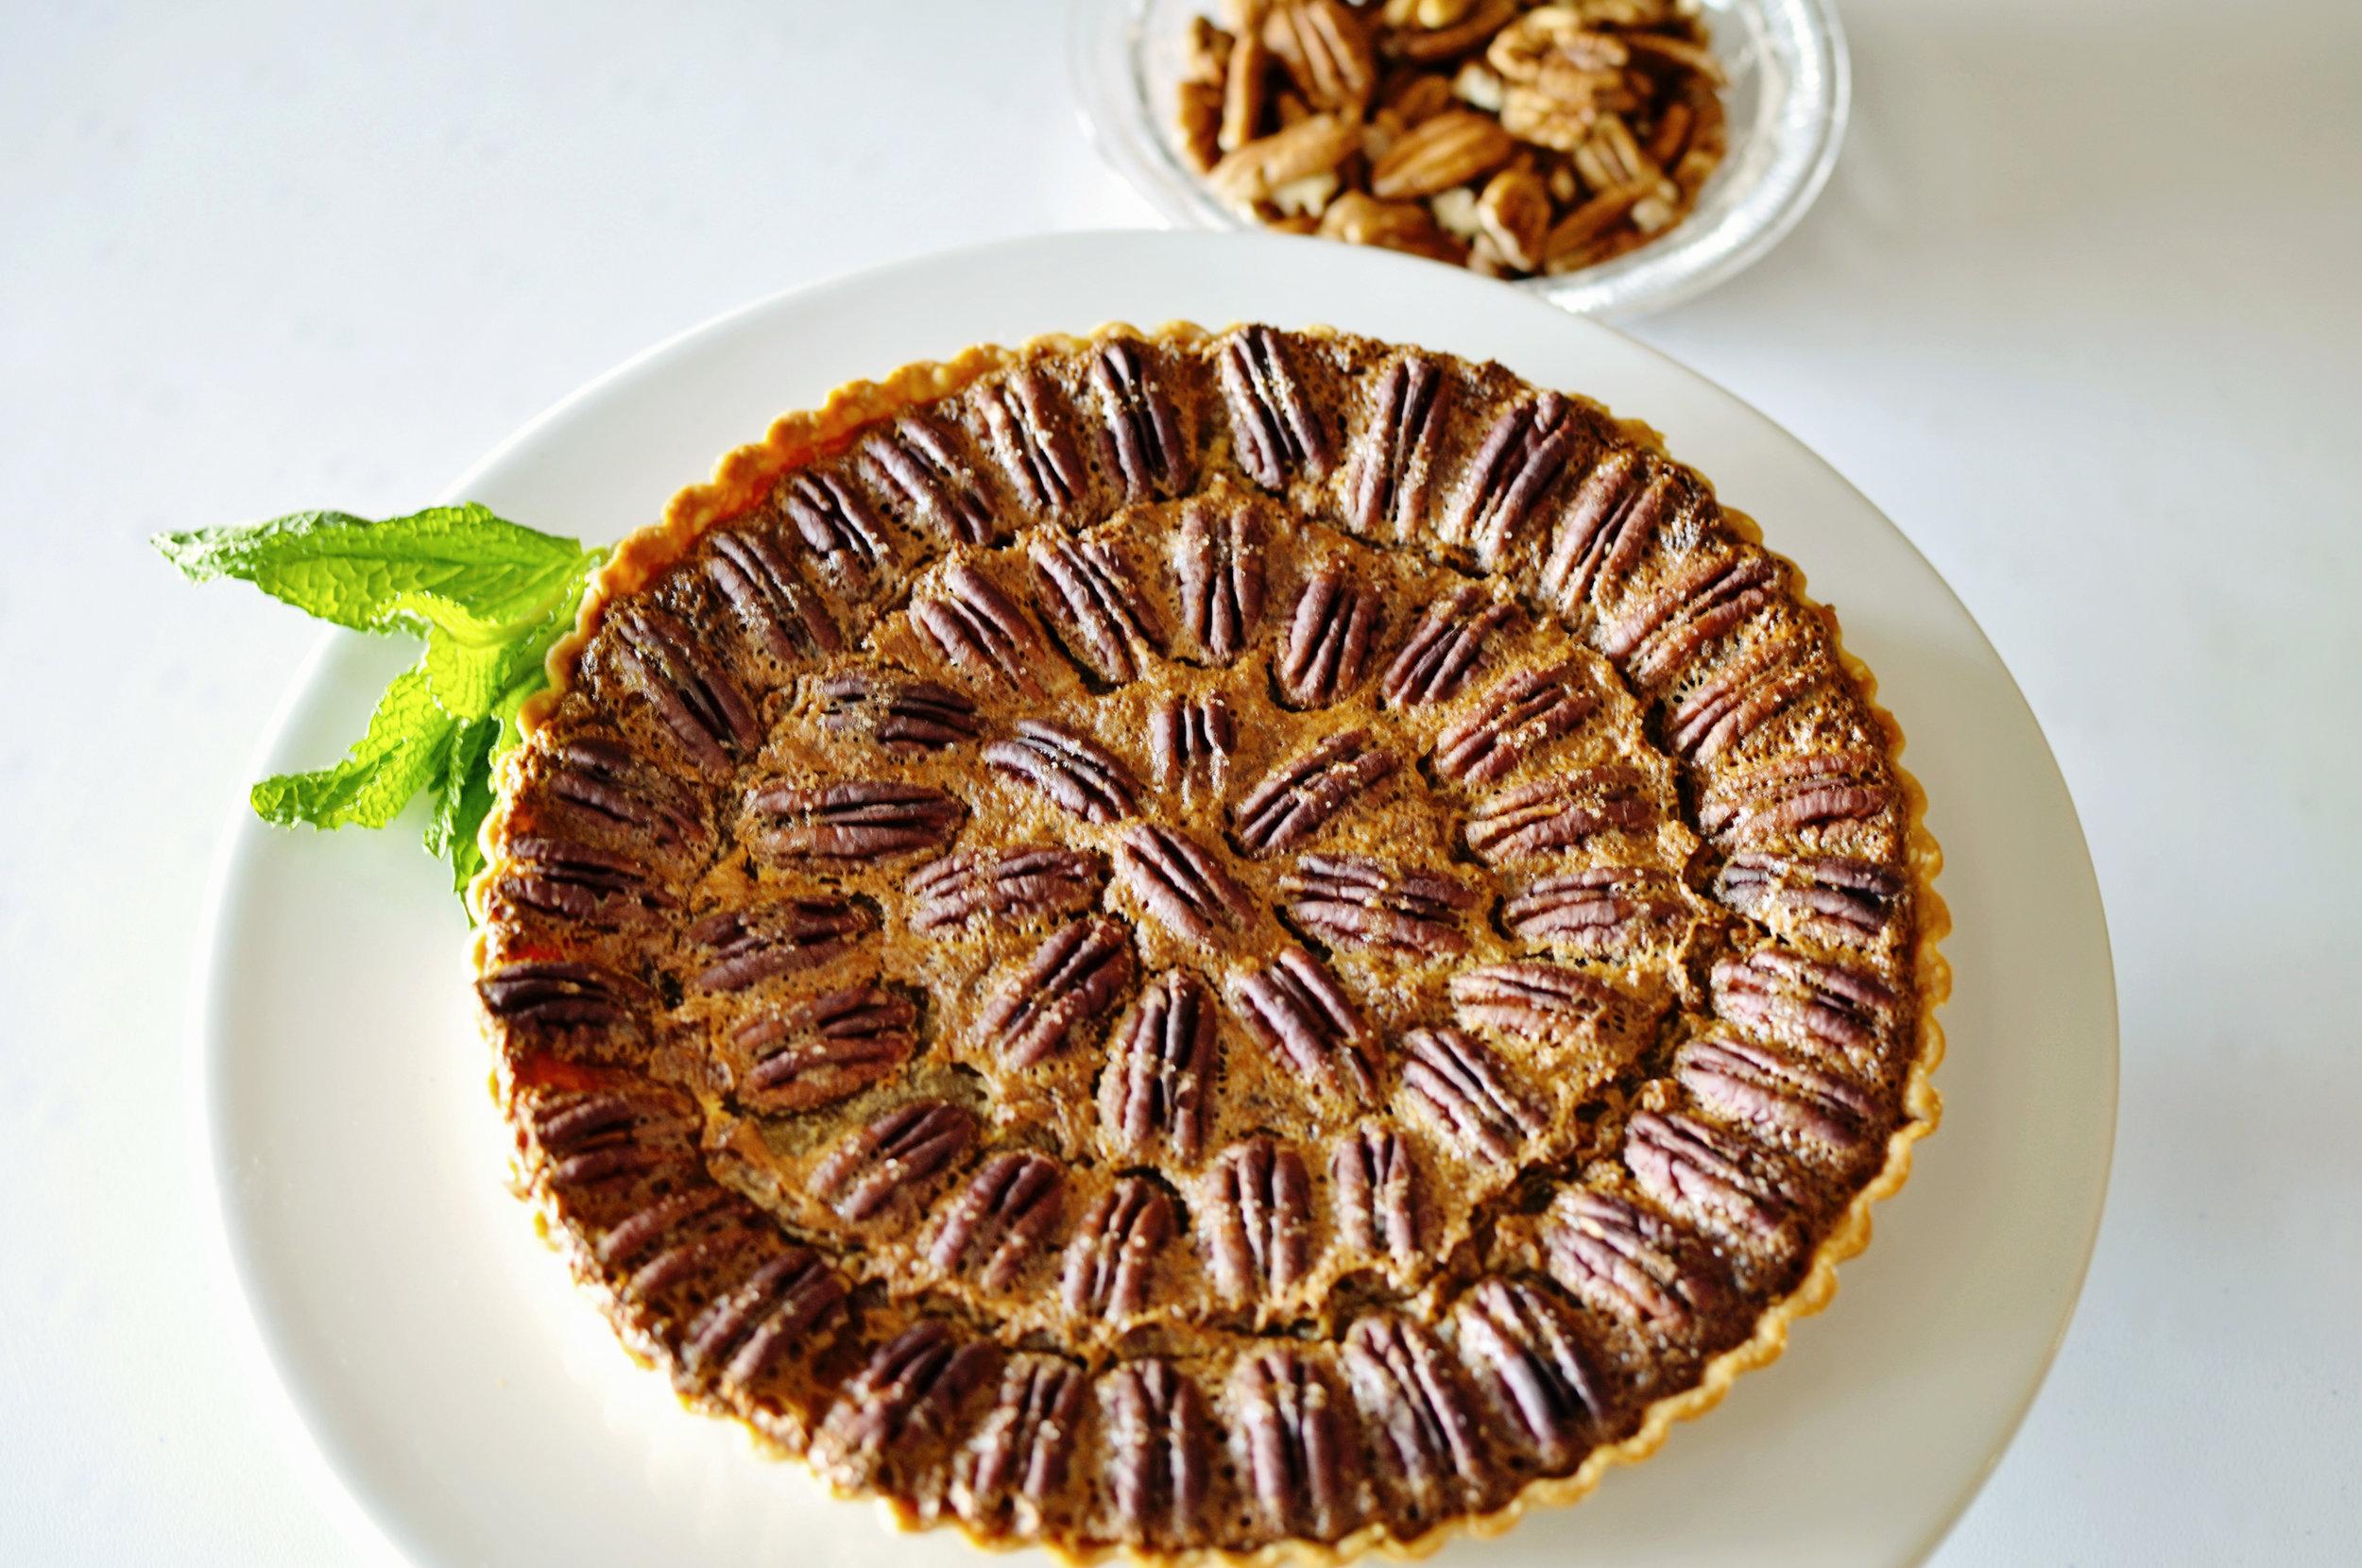 gigiwilson.com/georgia-pecan-tart